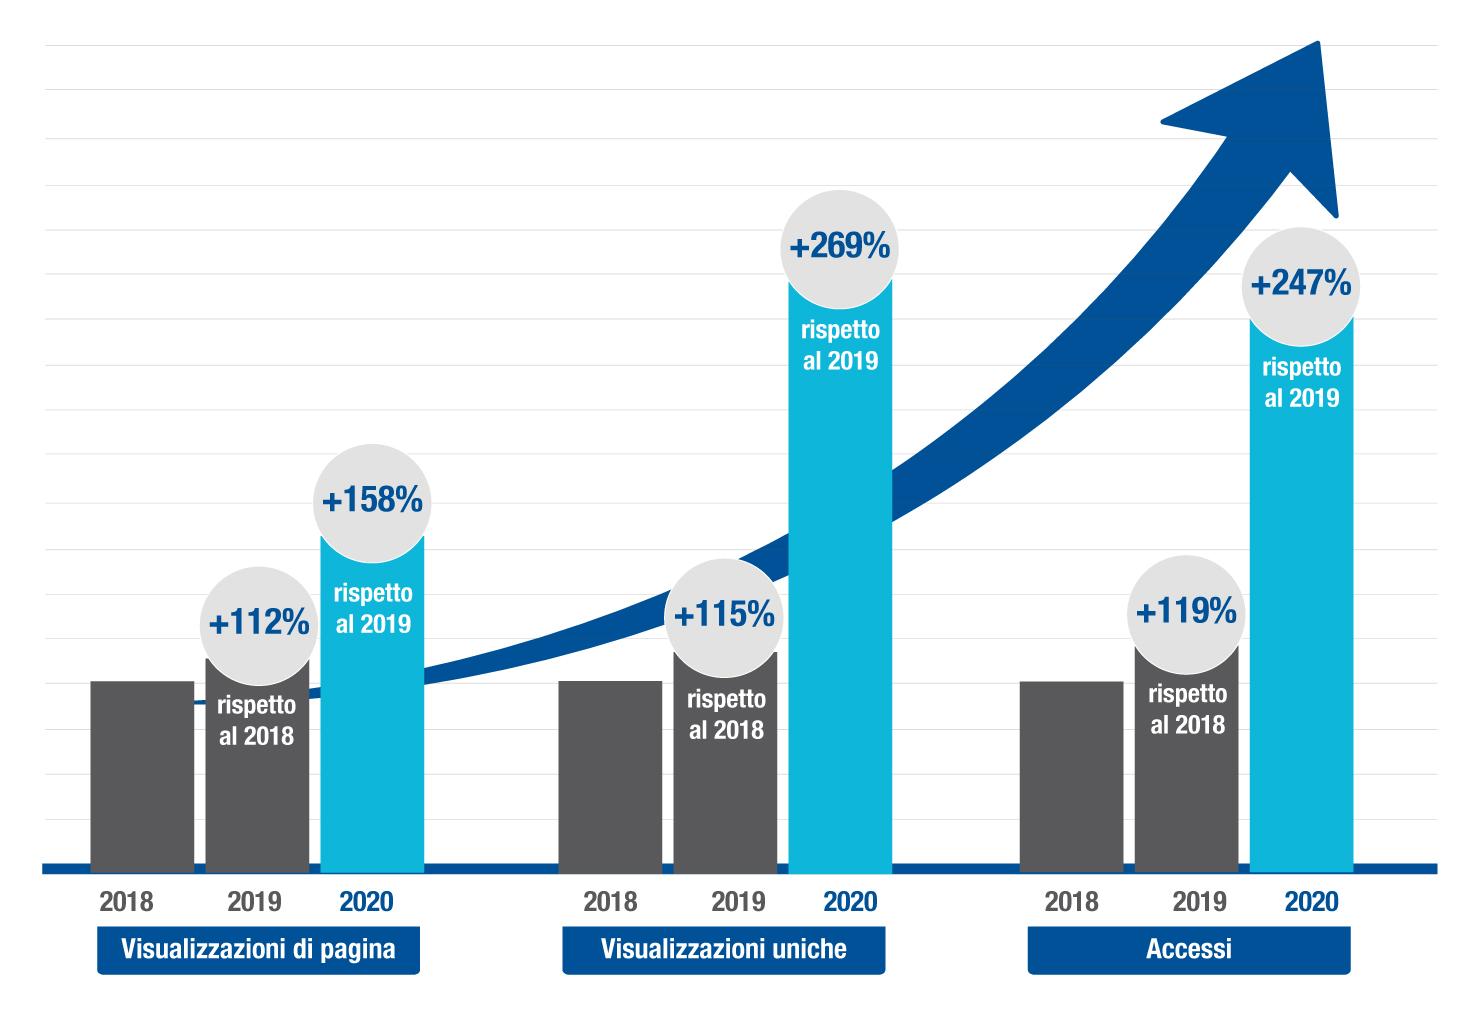 Parliamo un po' di noi? 2020 boom per ArtsLife, accessi triplicati in un anno